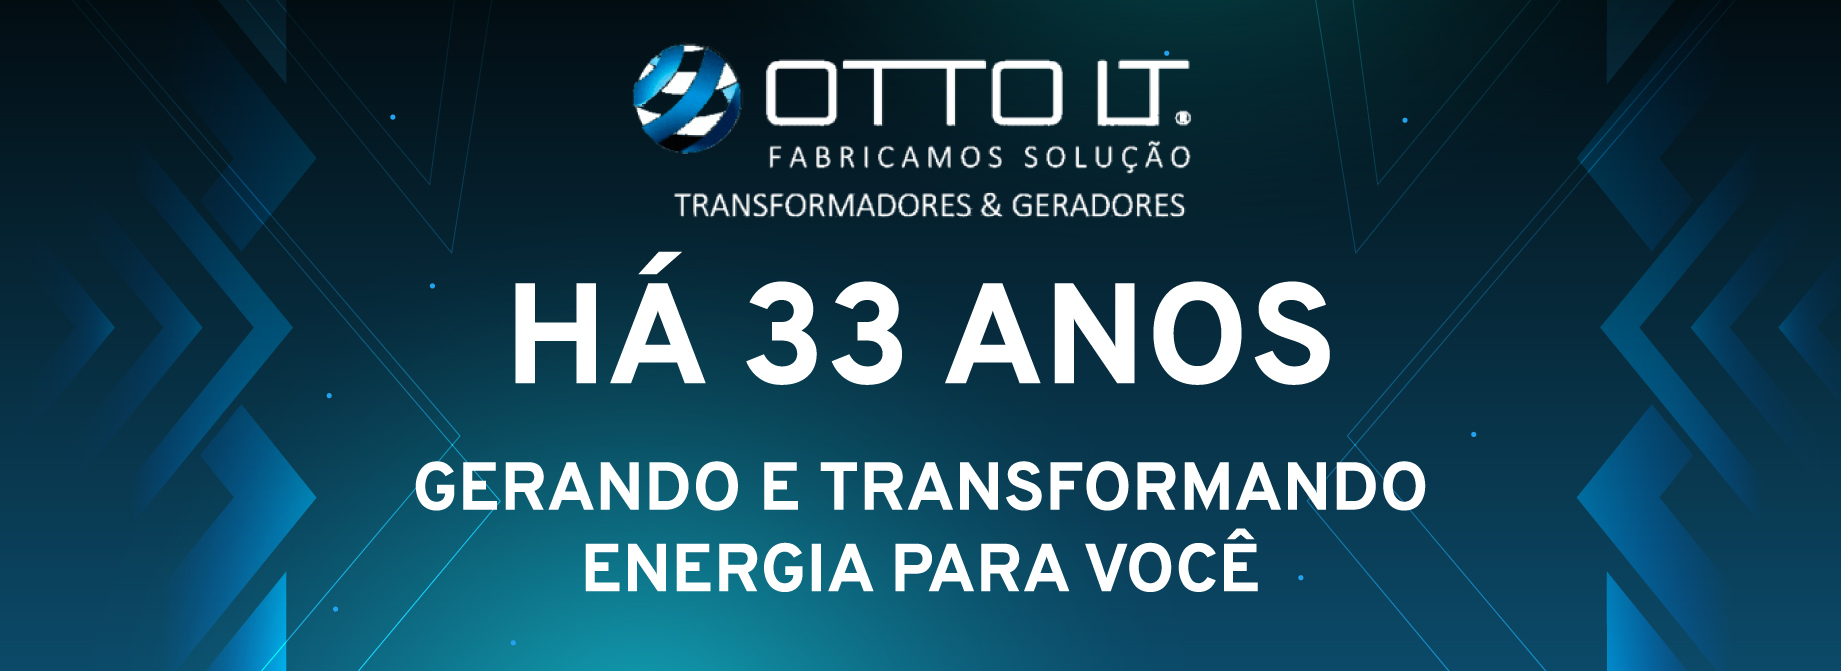 Banner-site-Otto-1